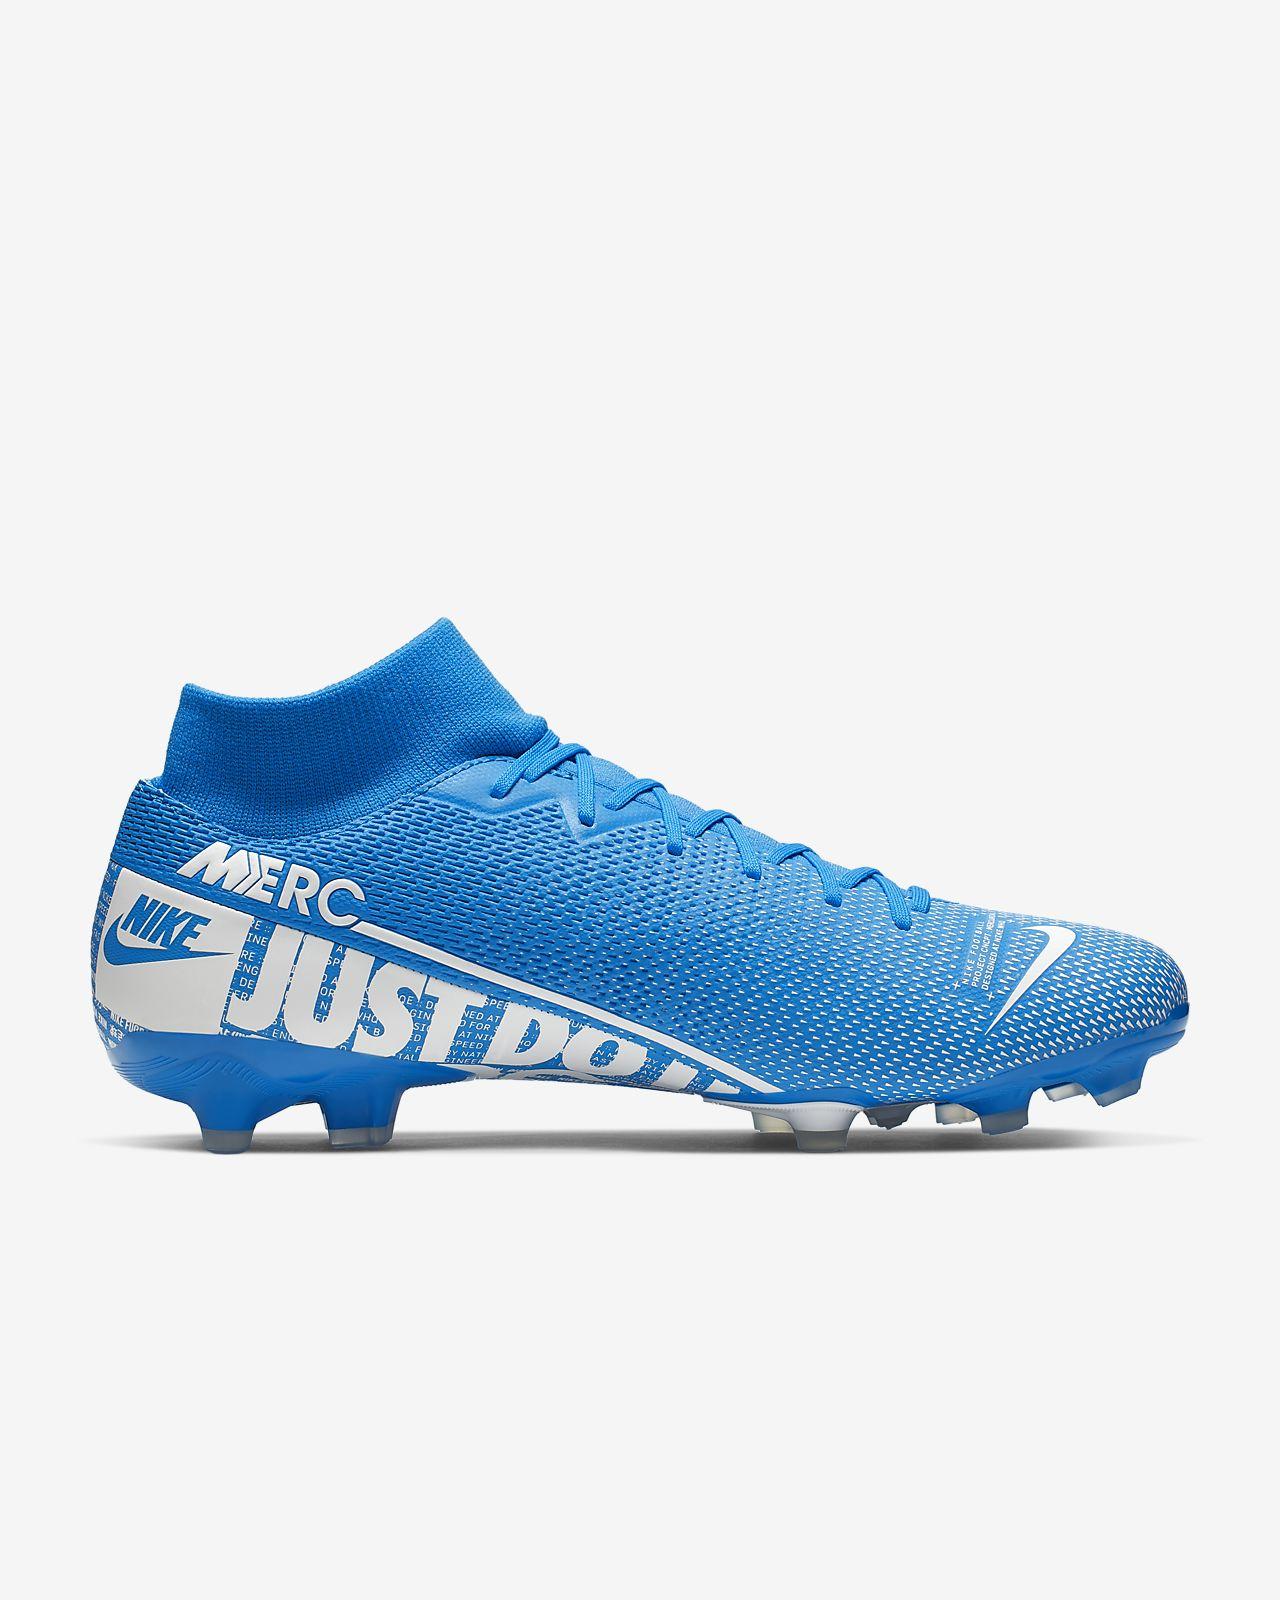 Nike Mercurial Superfly 7 Academy MG többféle talajra készült stoplis futballcipő